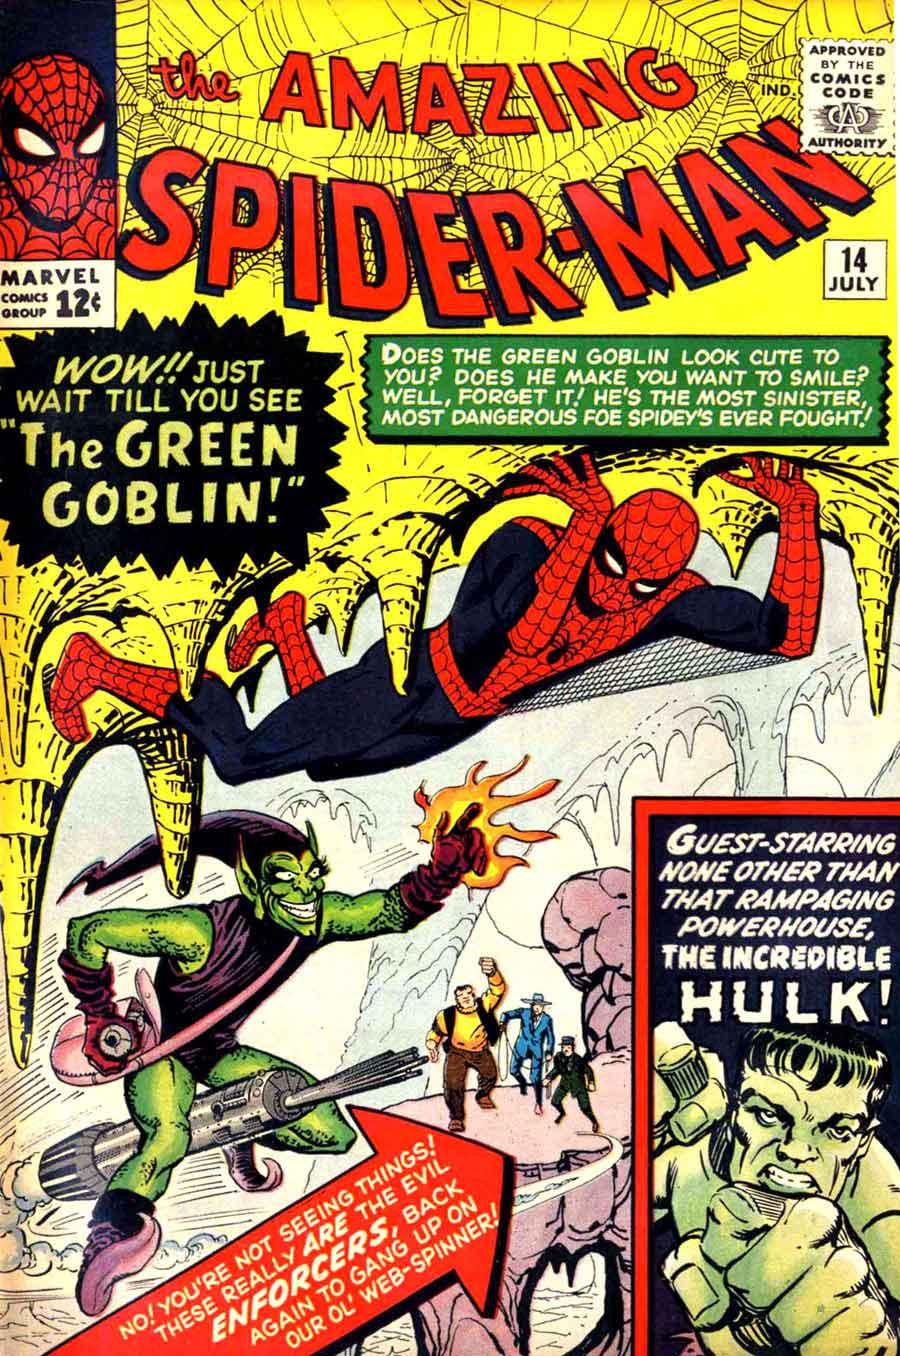 Spider-Man #14